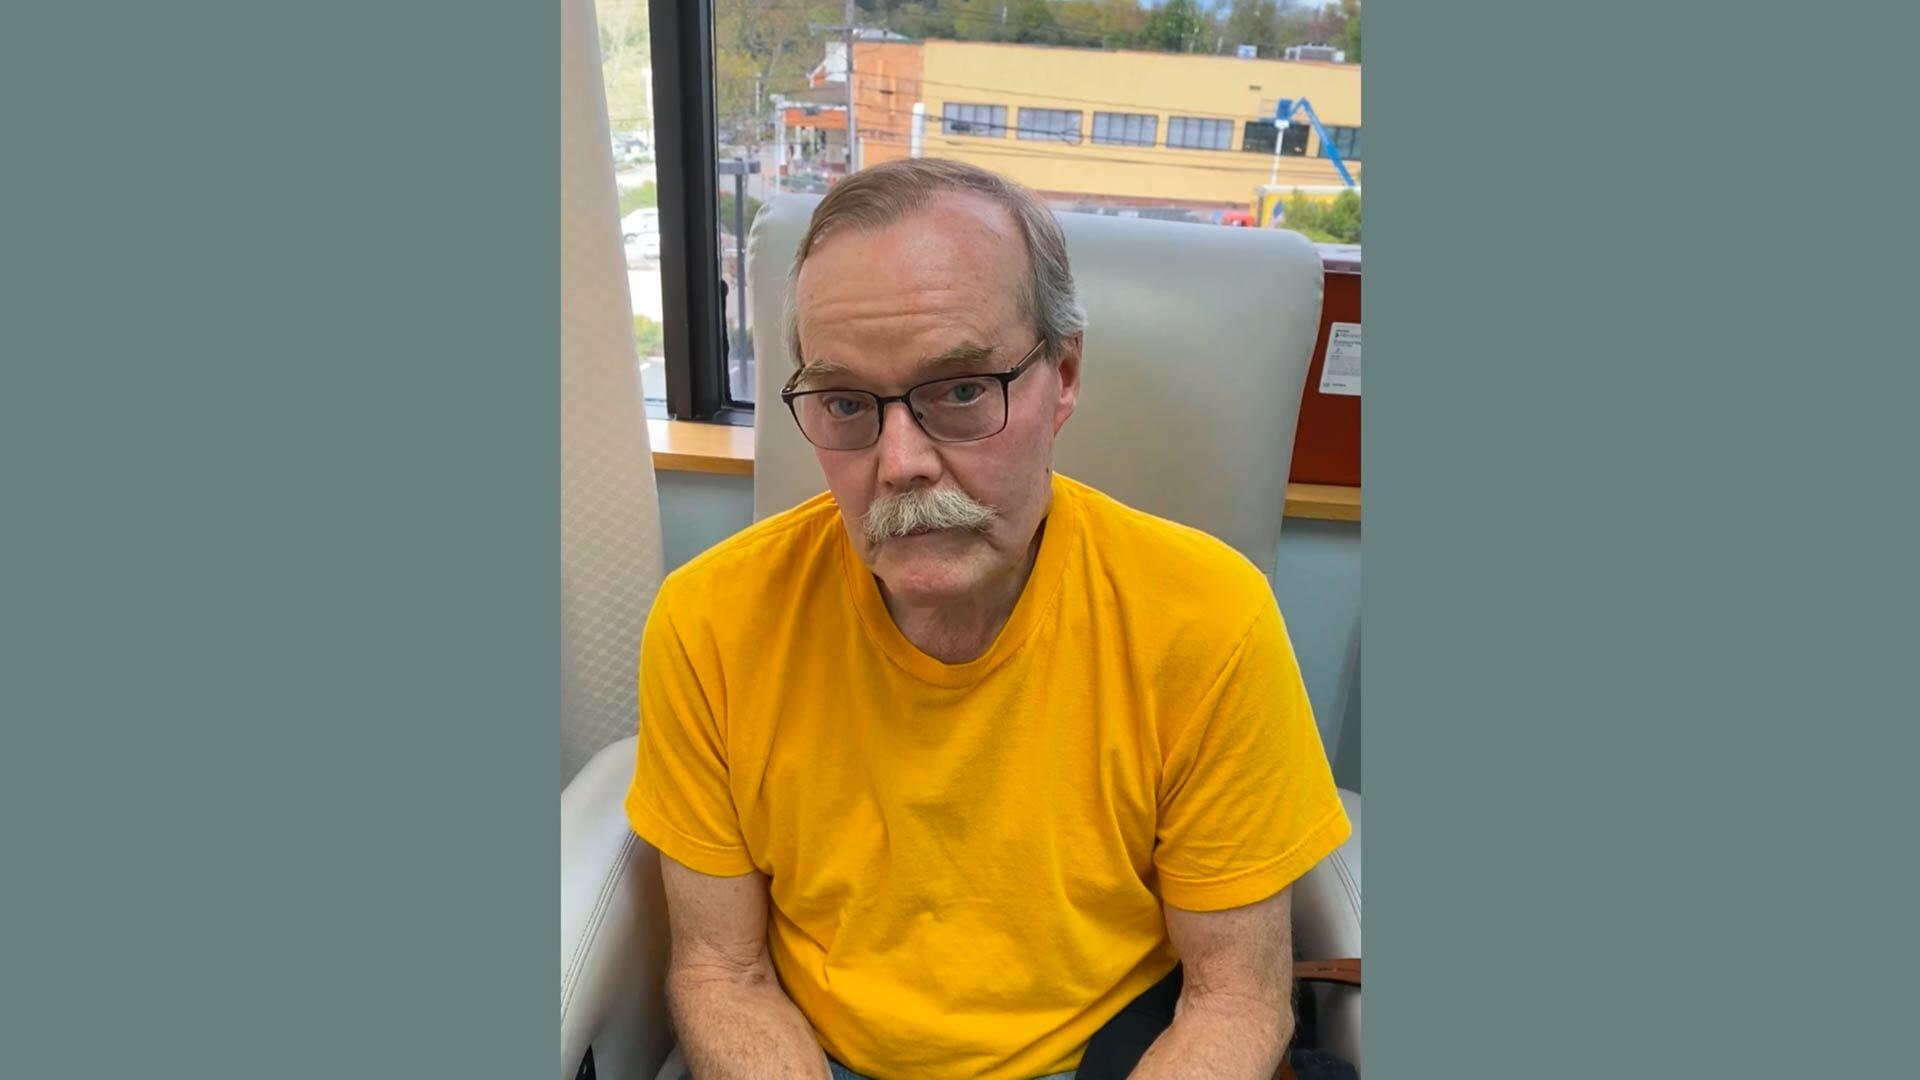 Robert hip stem cell treatment